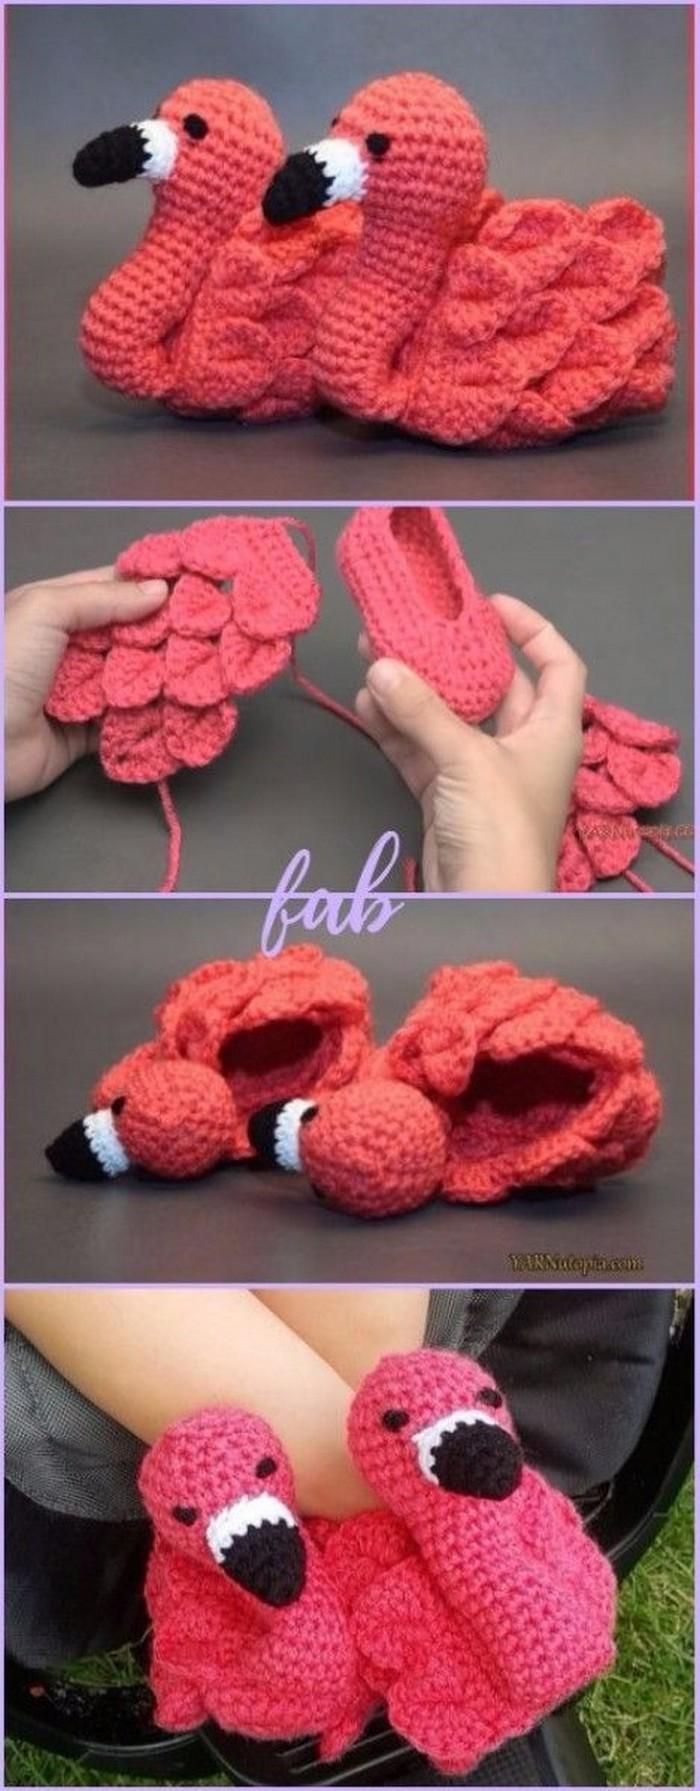 Cute Ducks Free Crochet Pattern